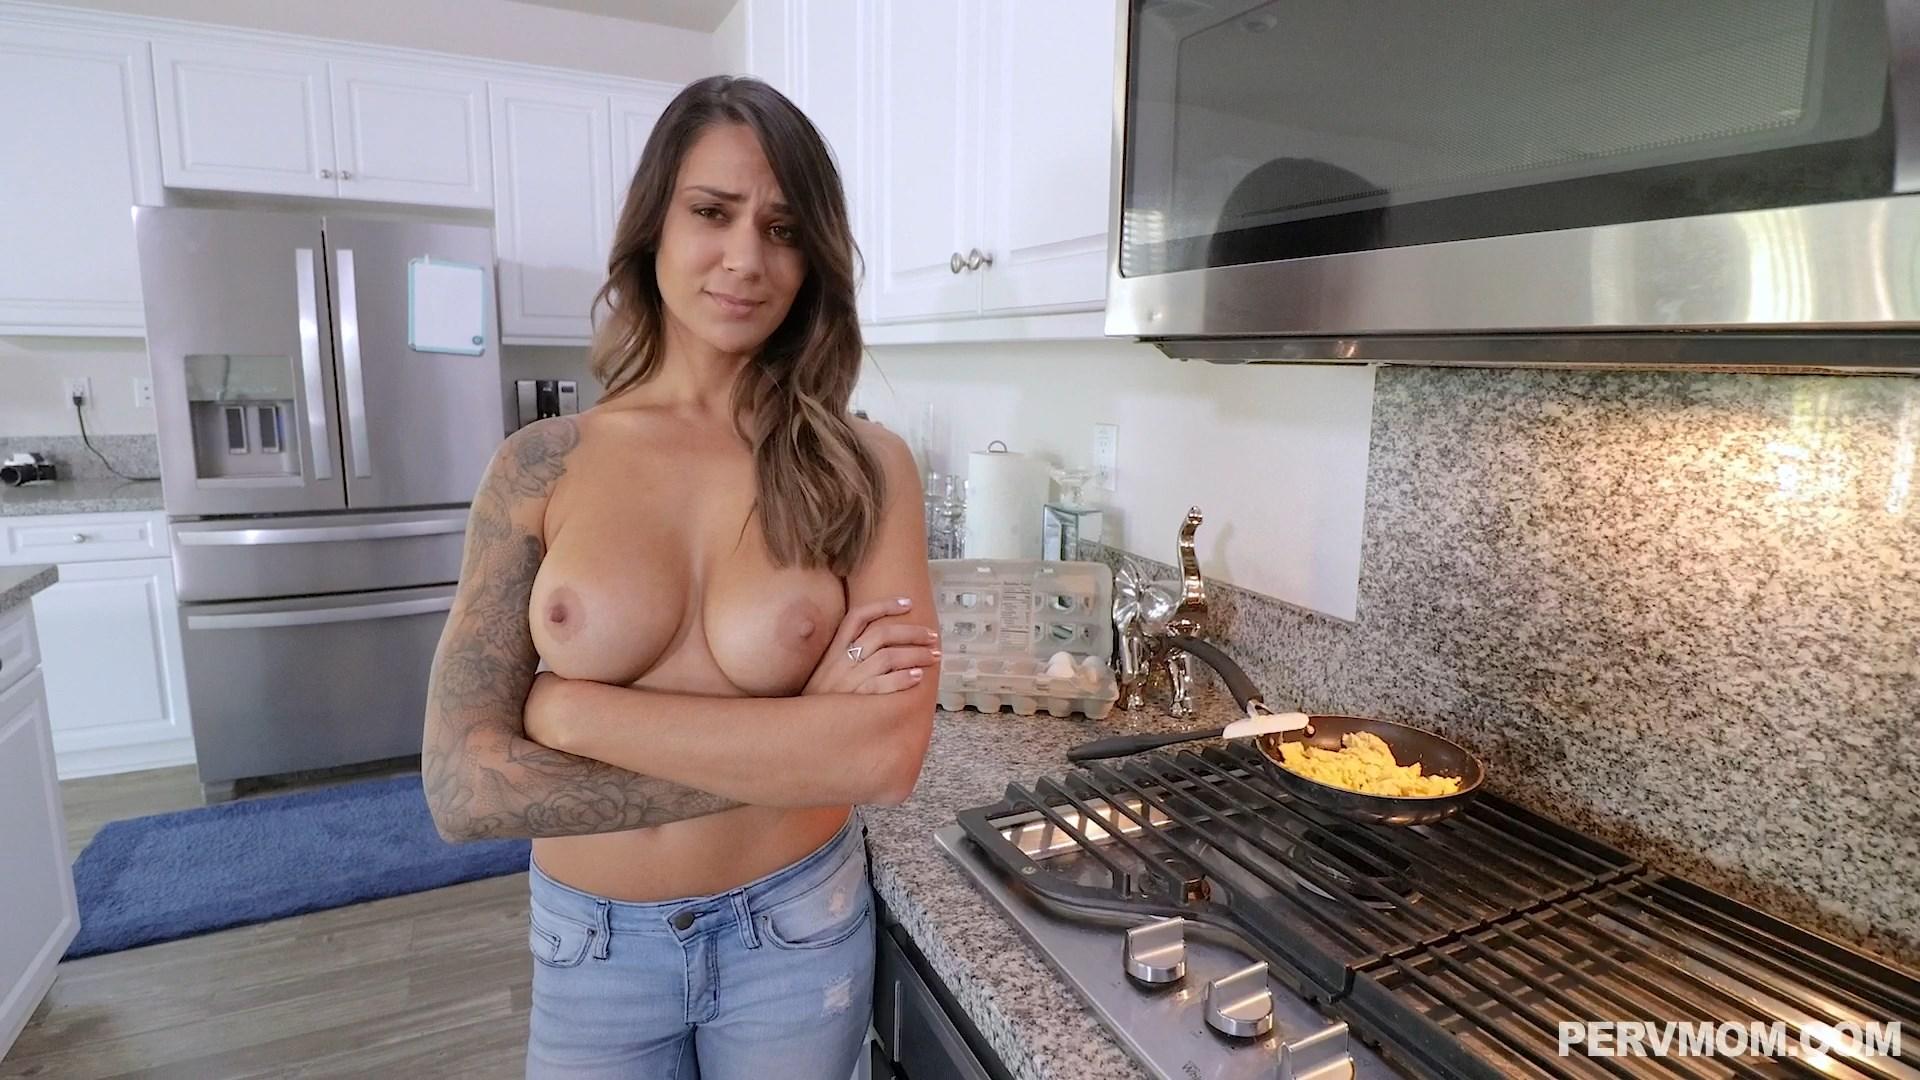 Perv Mom - Alexis Zara - A Topless MILF Breakfast